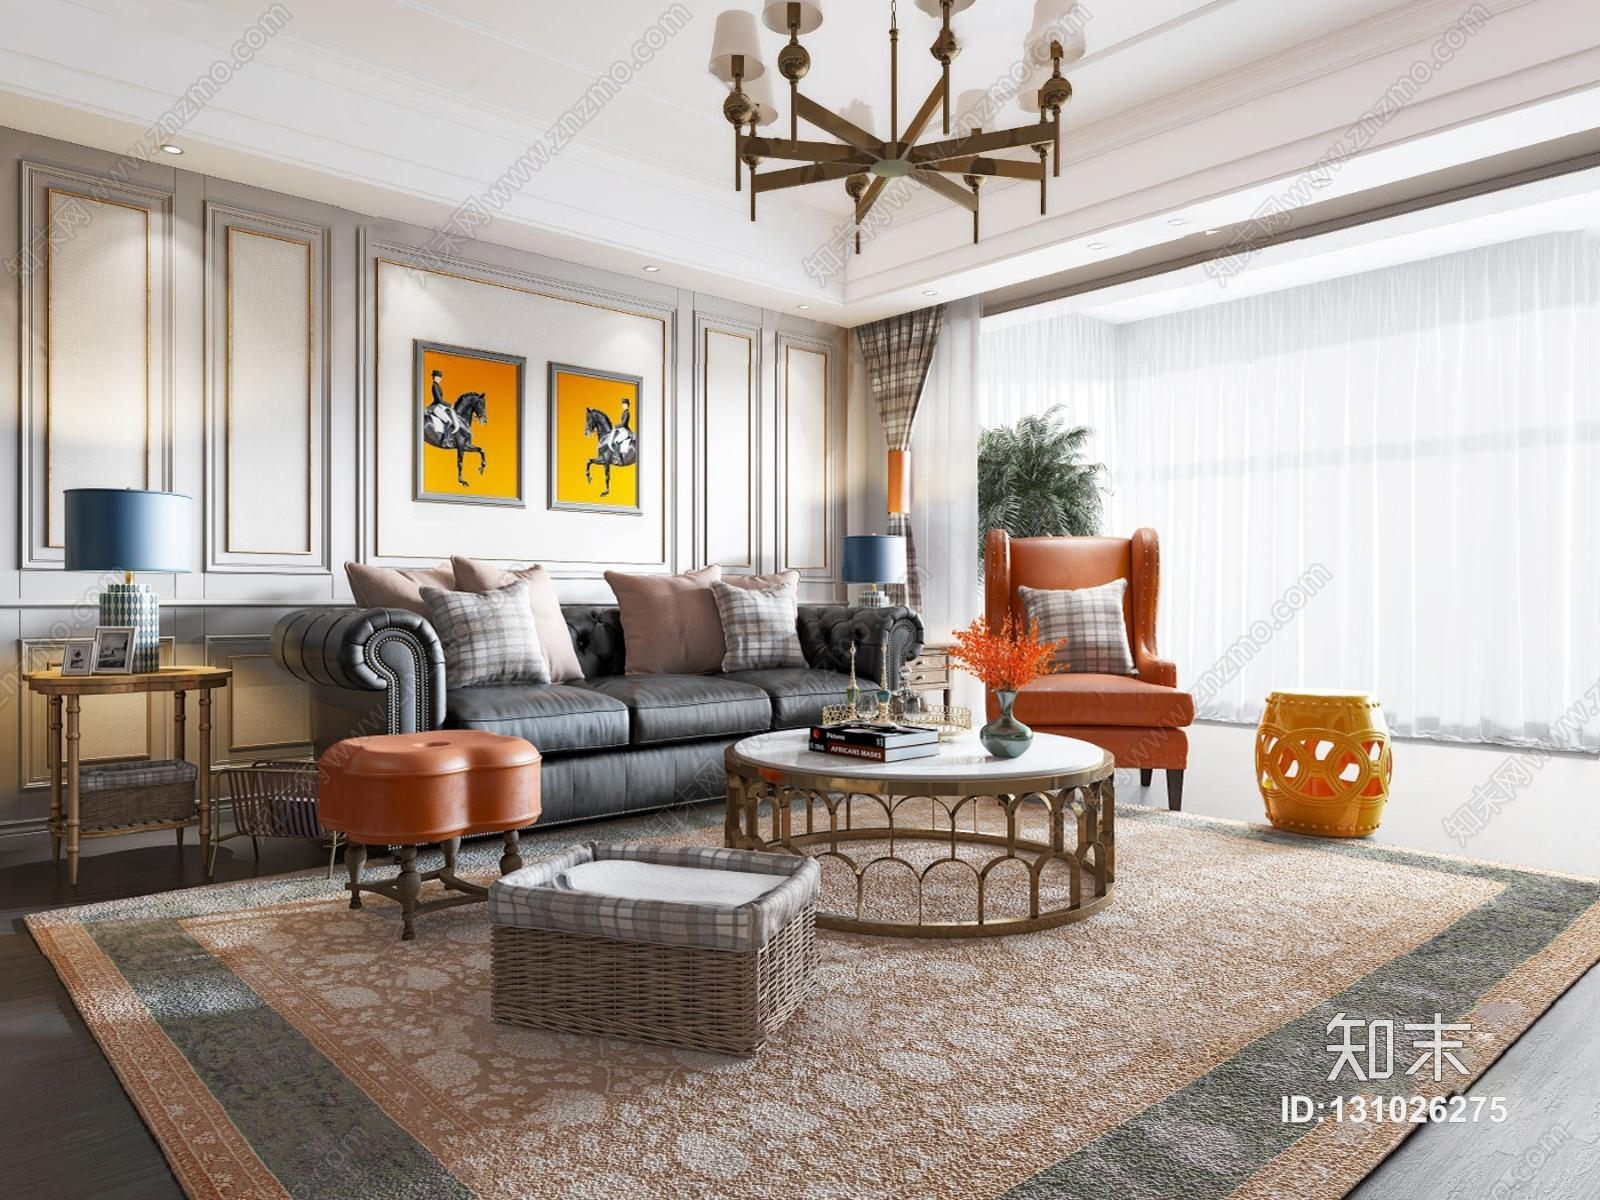 美式客厅 沙发茶几 吊灯 挂画 摆件